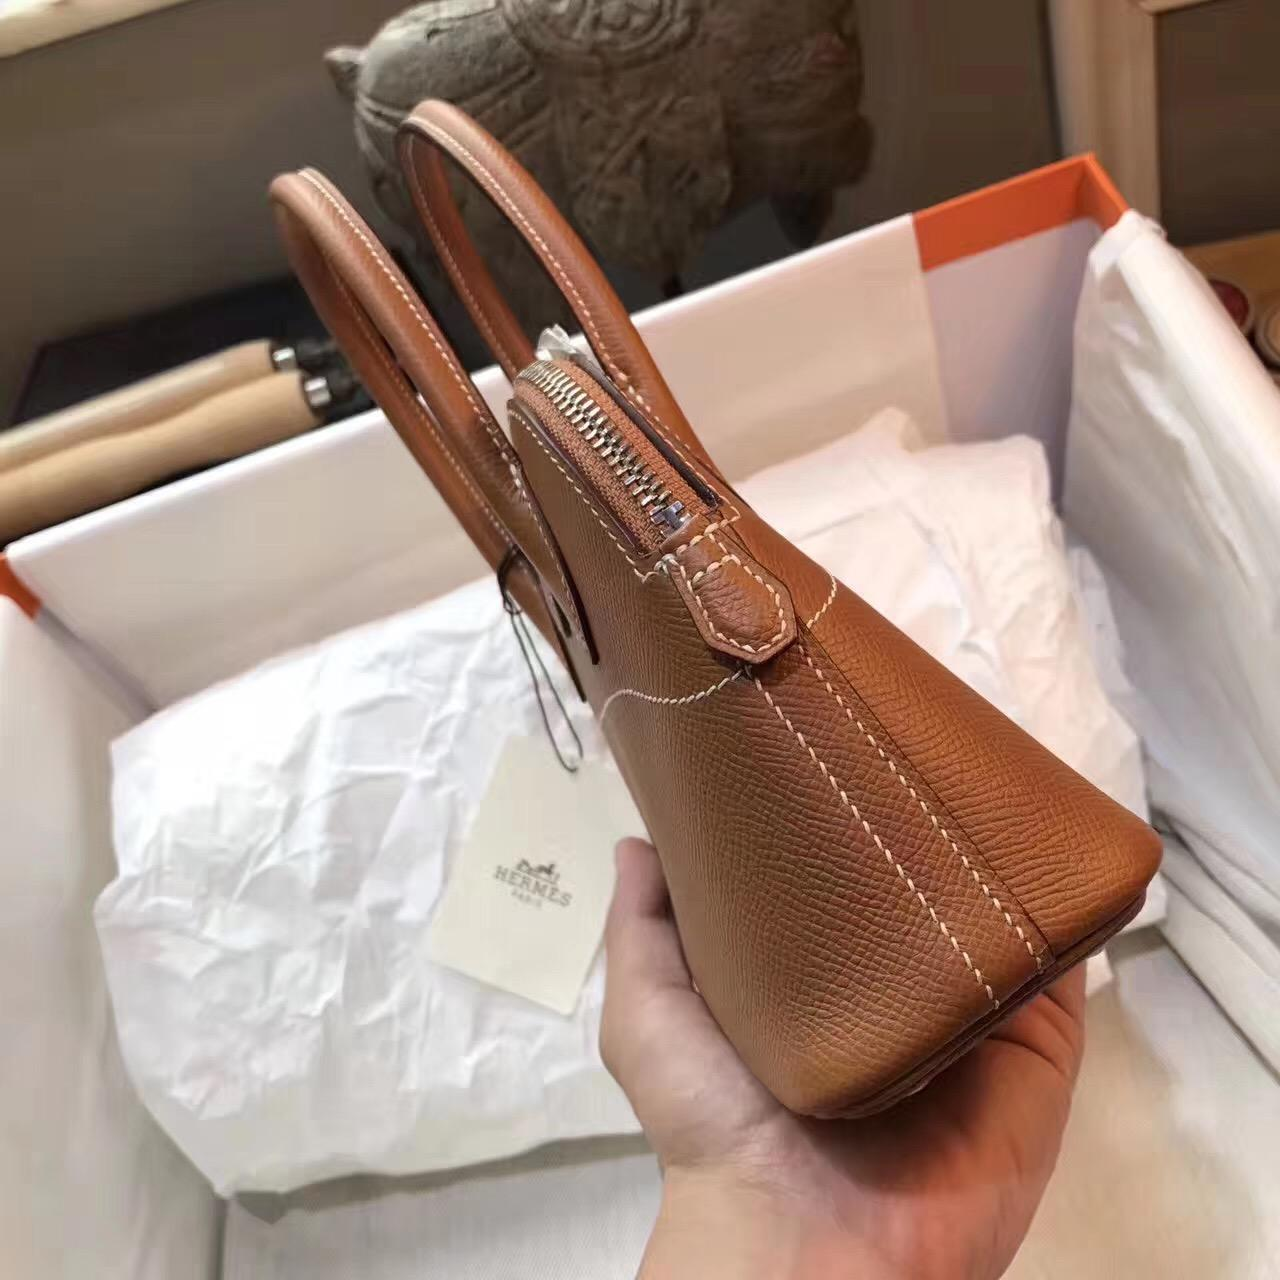 愛馬仕保齡球包 手提包 Hermes Bolide  epsom皮 27cm bolide 土黃/金棕色 寶萊包